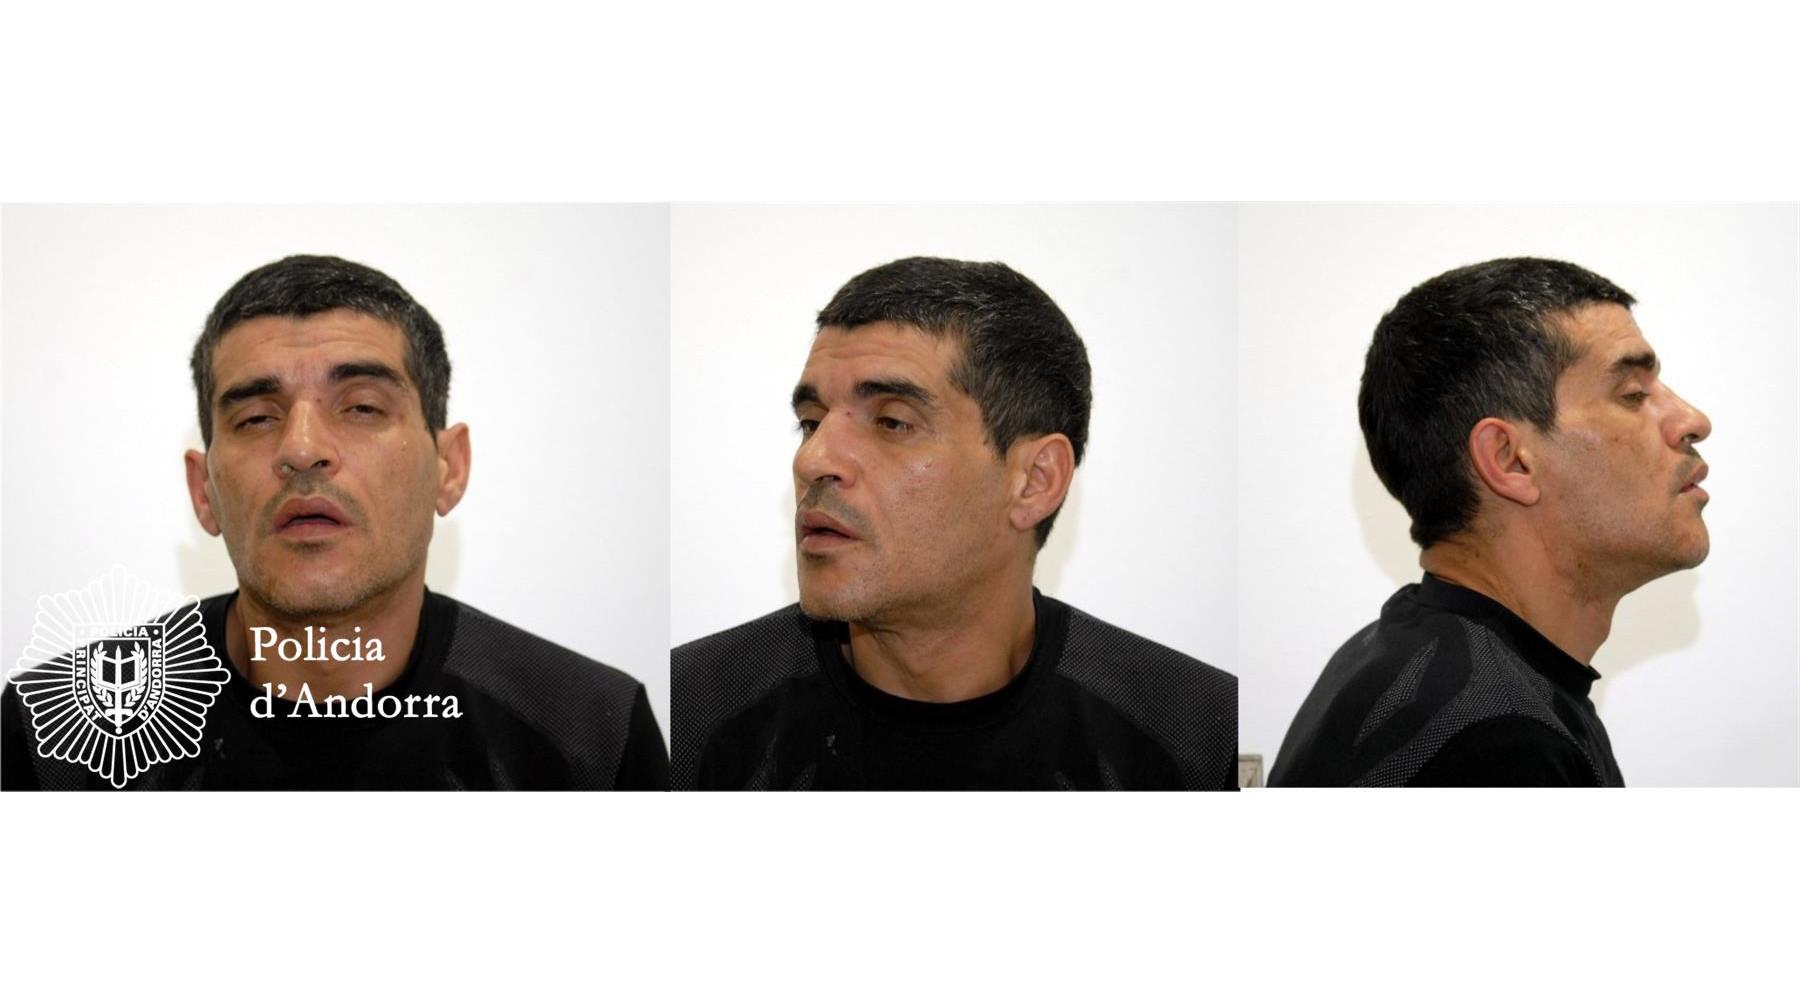 La policia captura el pres fugat de la Comella